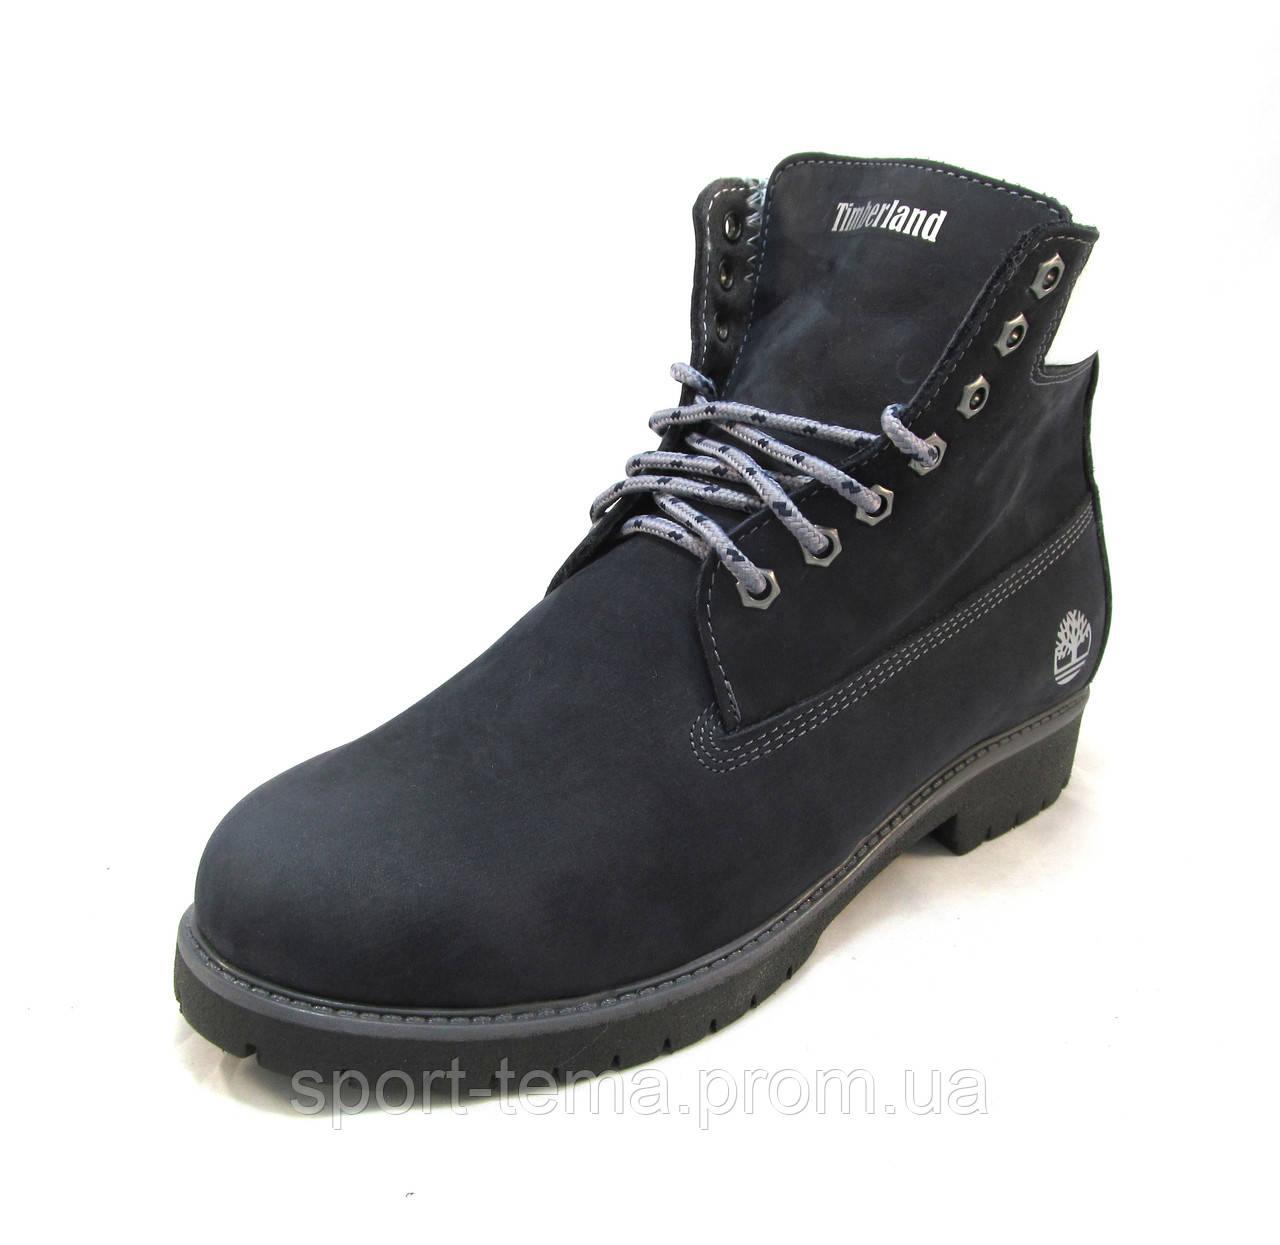 493847185 Ботинки женские Timberland кожаные с мехом синие (р.37) - Обувь Sport-